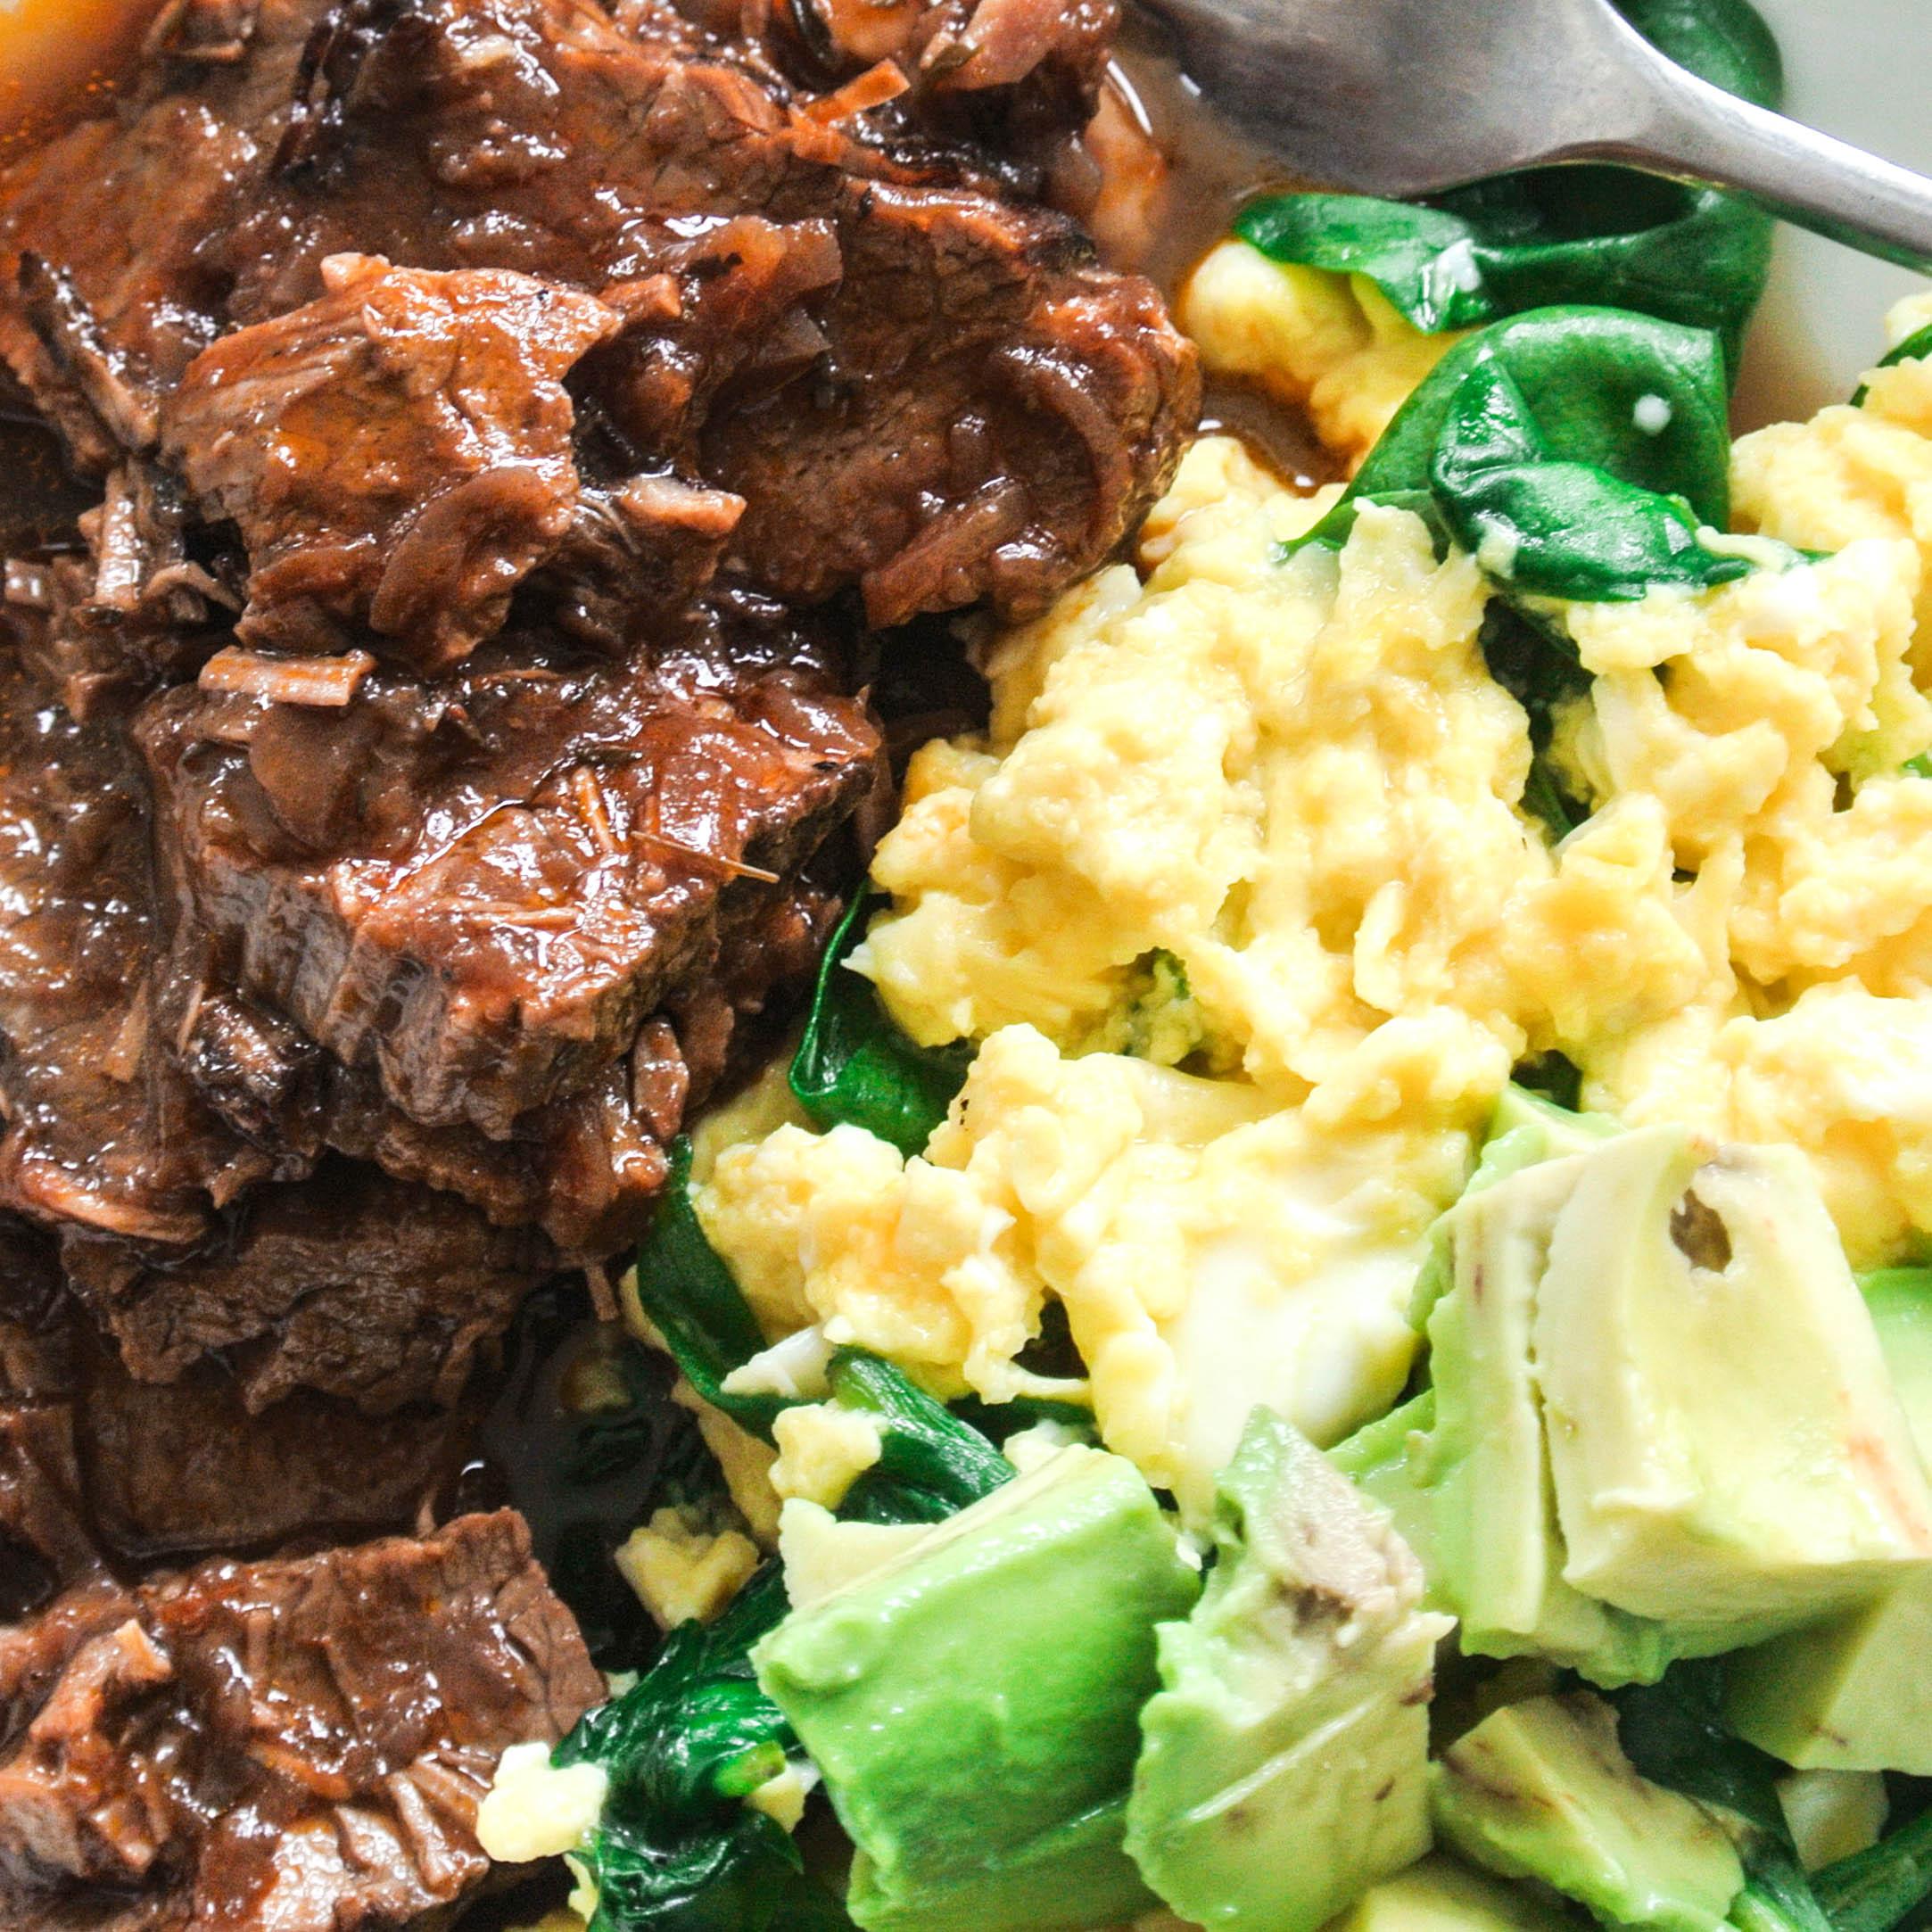 spice and herb oven braised brisket beef brisket beef brisket pot